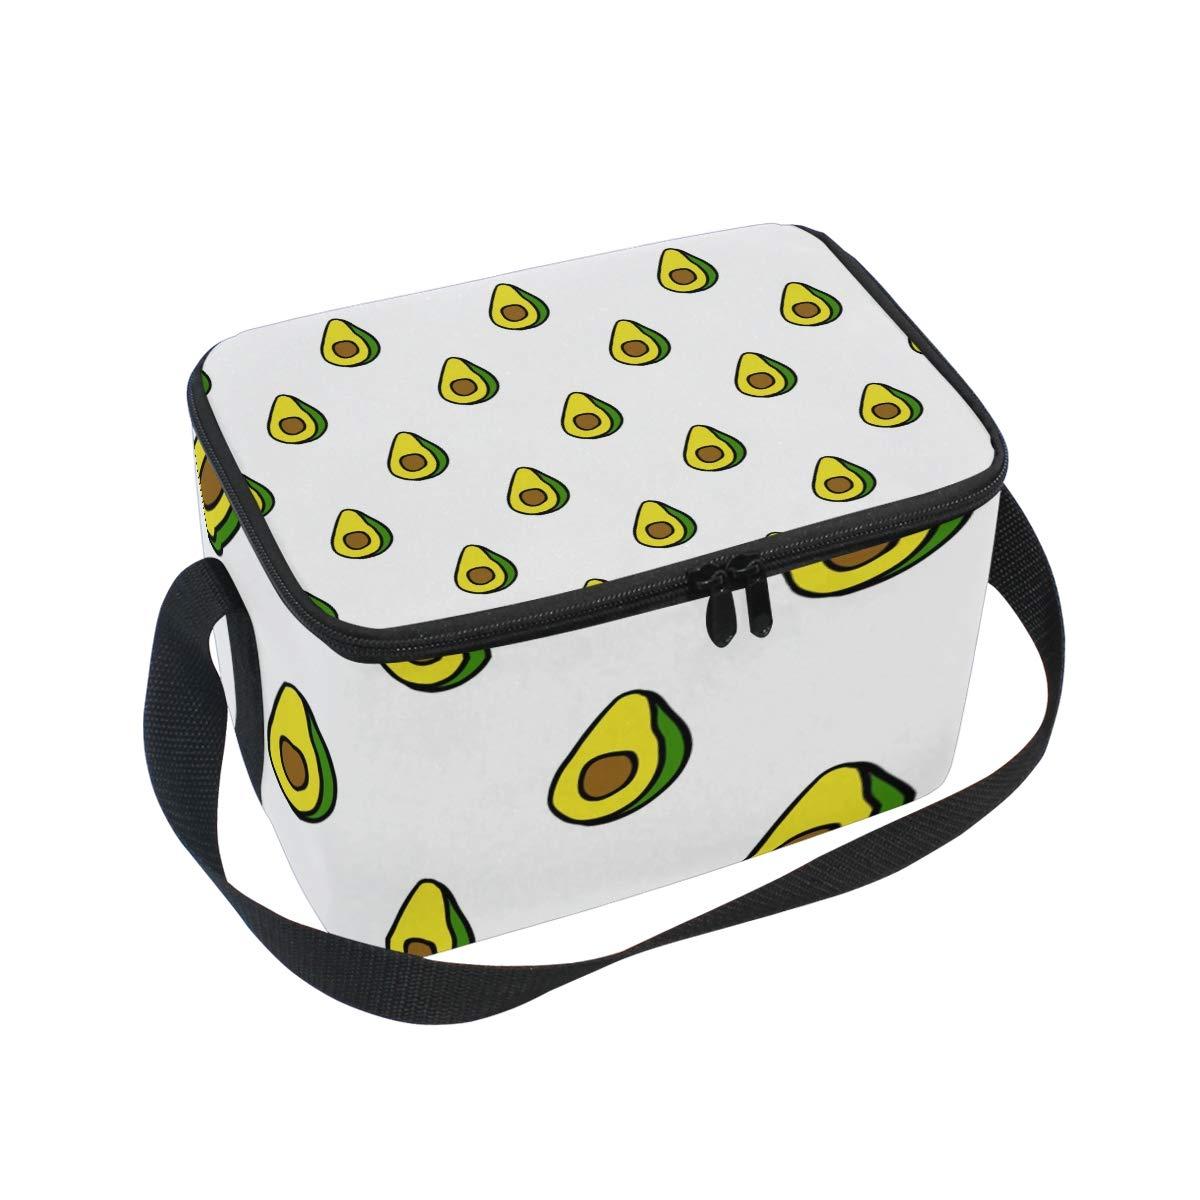 Amazon.com: JUAMA Avocado Halfs Insulated Lunch Bag Food ...